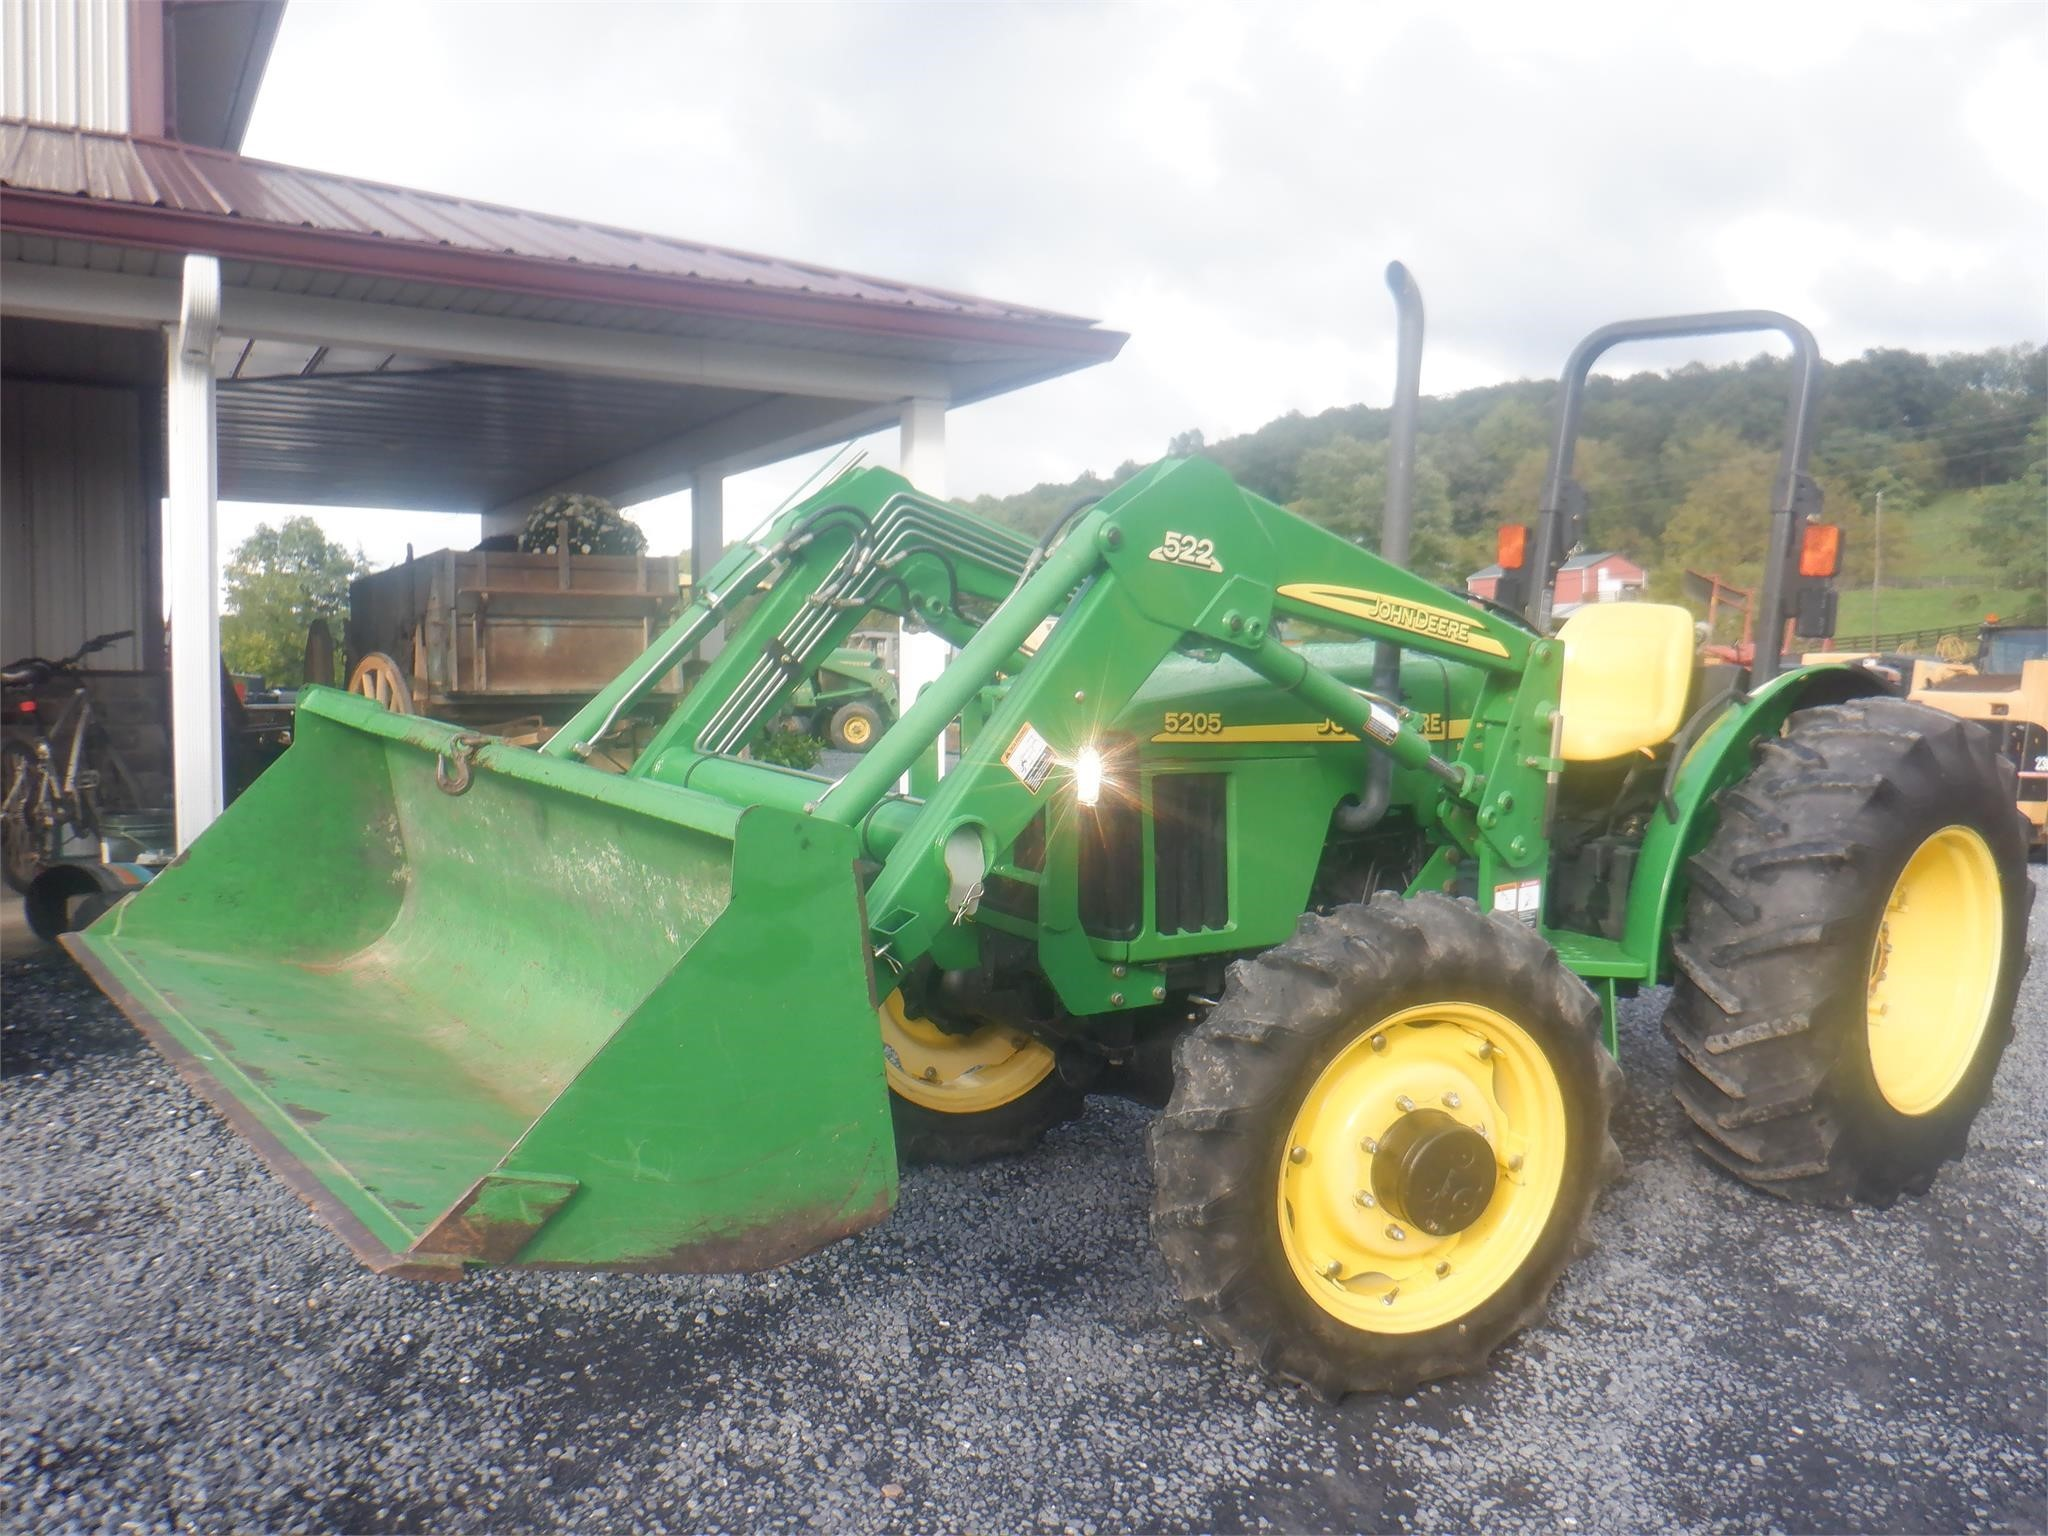 2005 John Deere 5205 Tractor